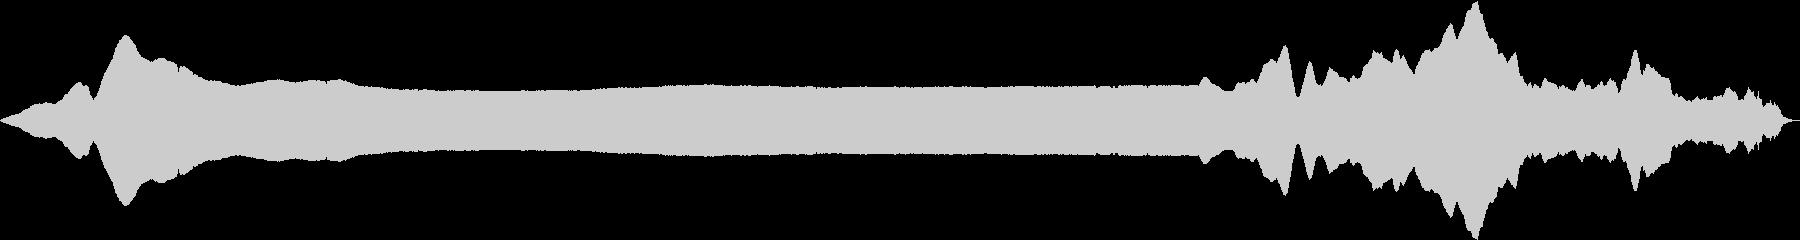 短い目標:ロングポリスサイレンウェイルの未再生の波形